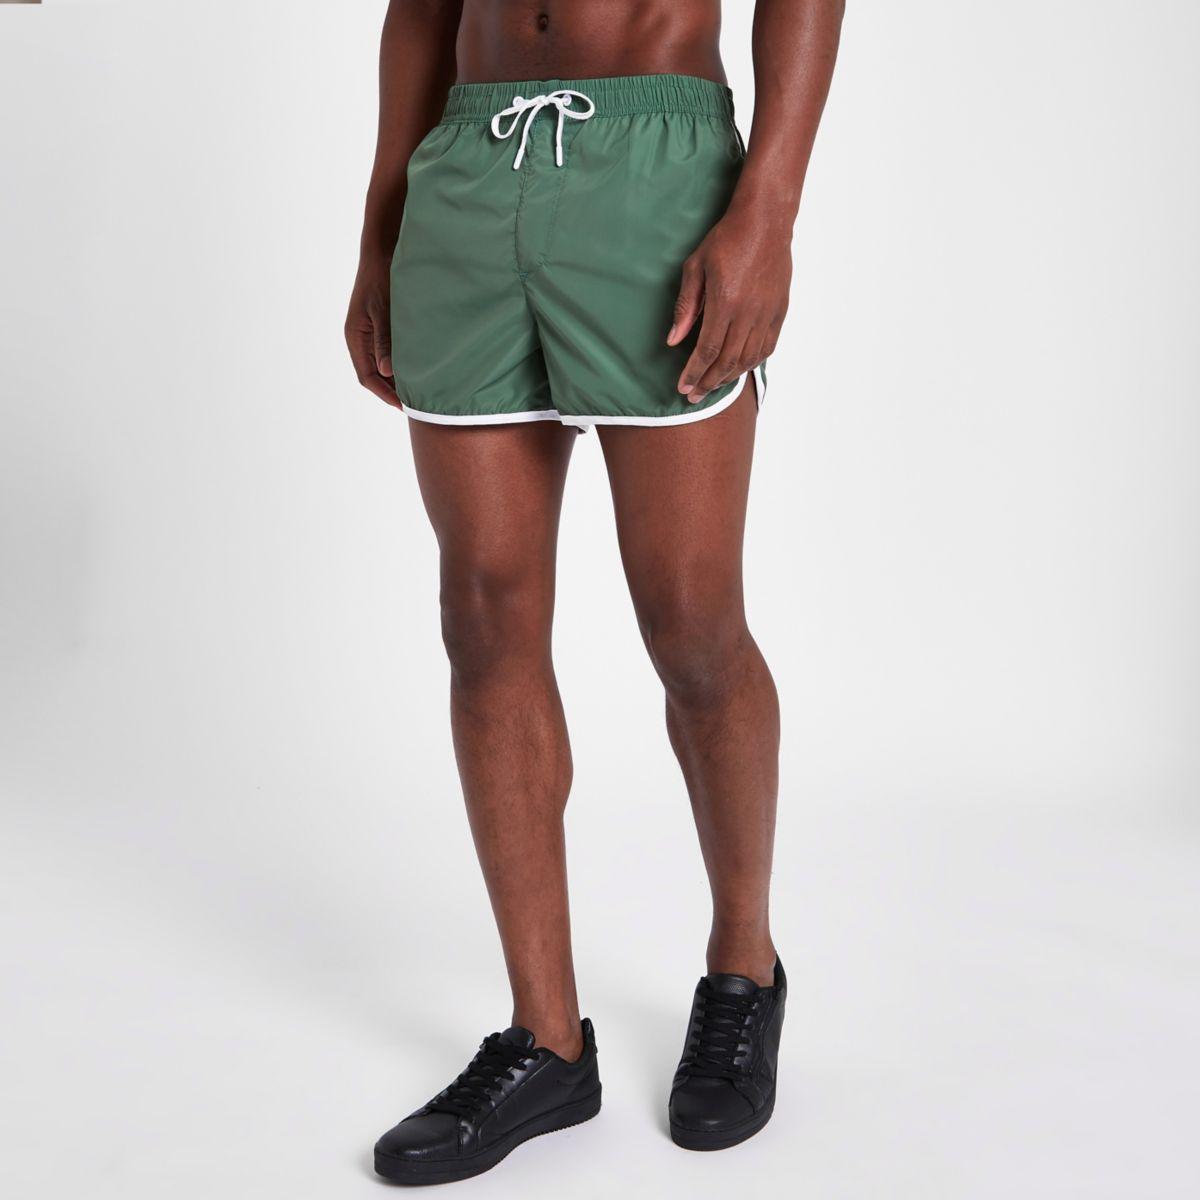 Green stripe side runner short swim shorts